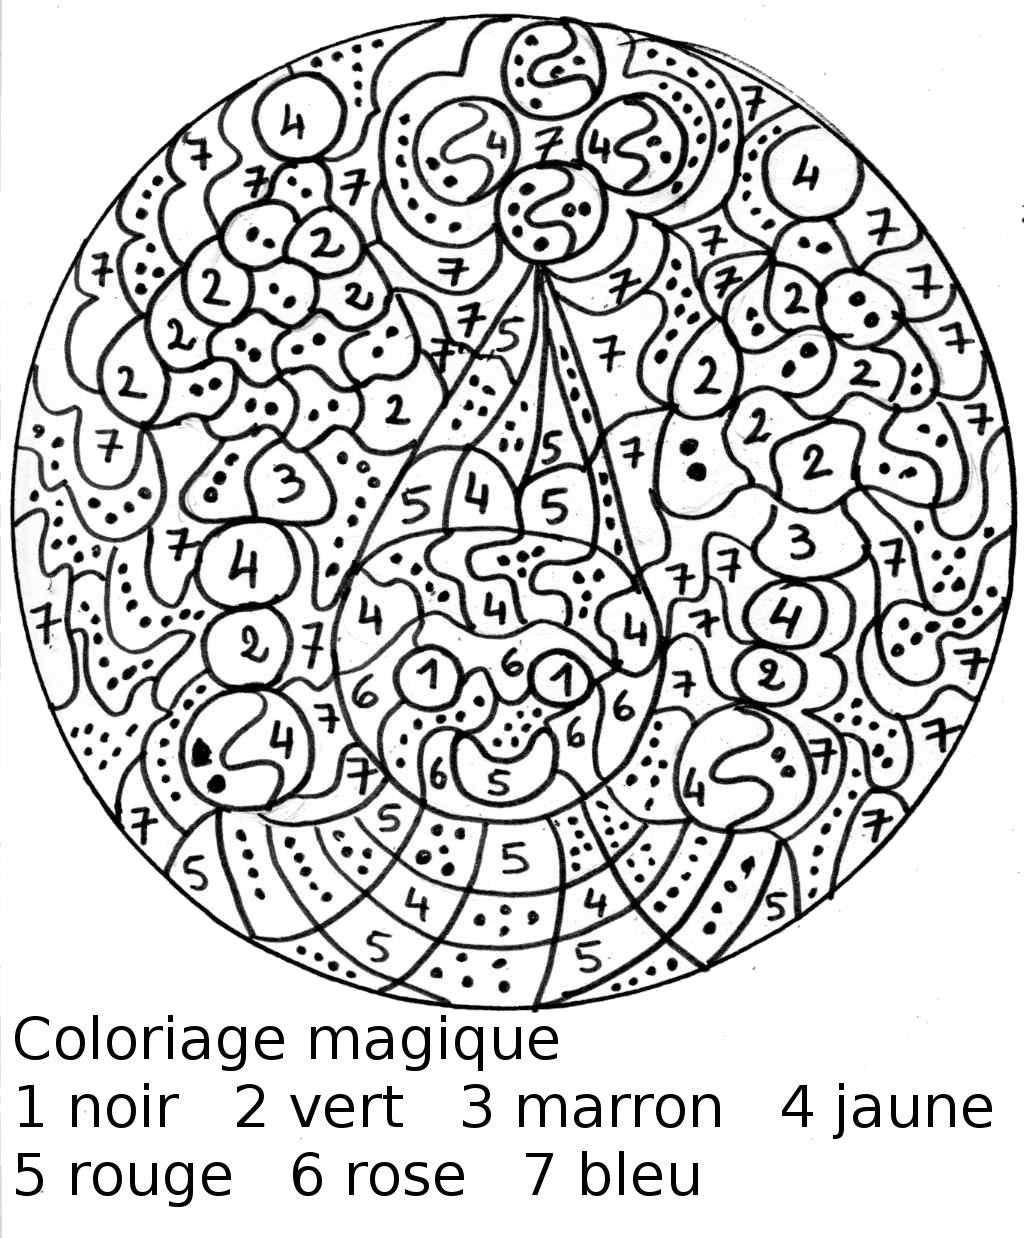 34 Dessins De Coloriage Magique Noël À Imprimer avec Coloriage Magique Dur